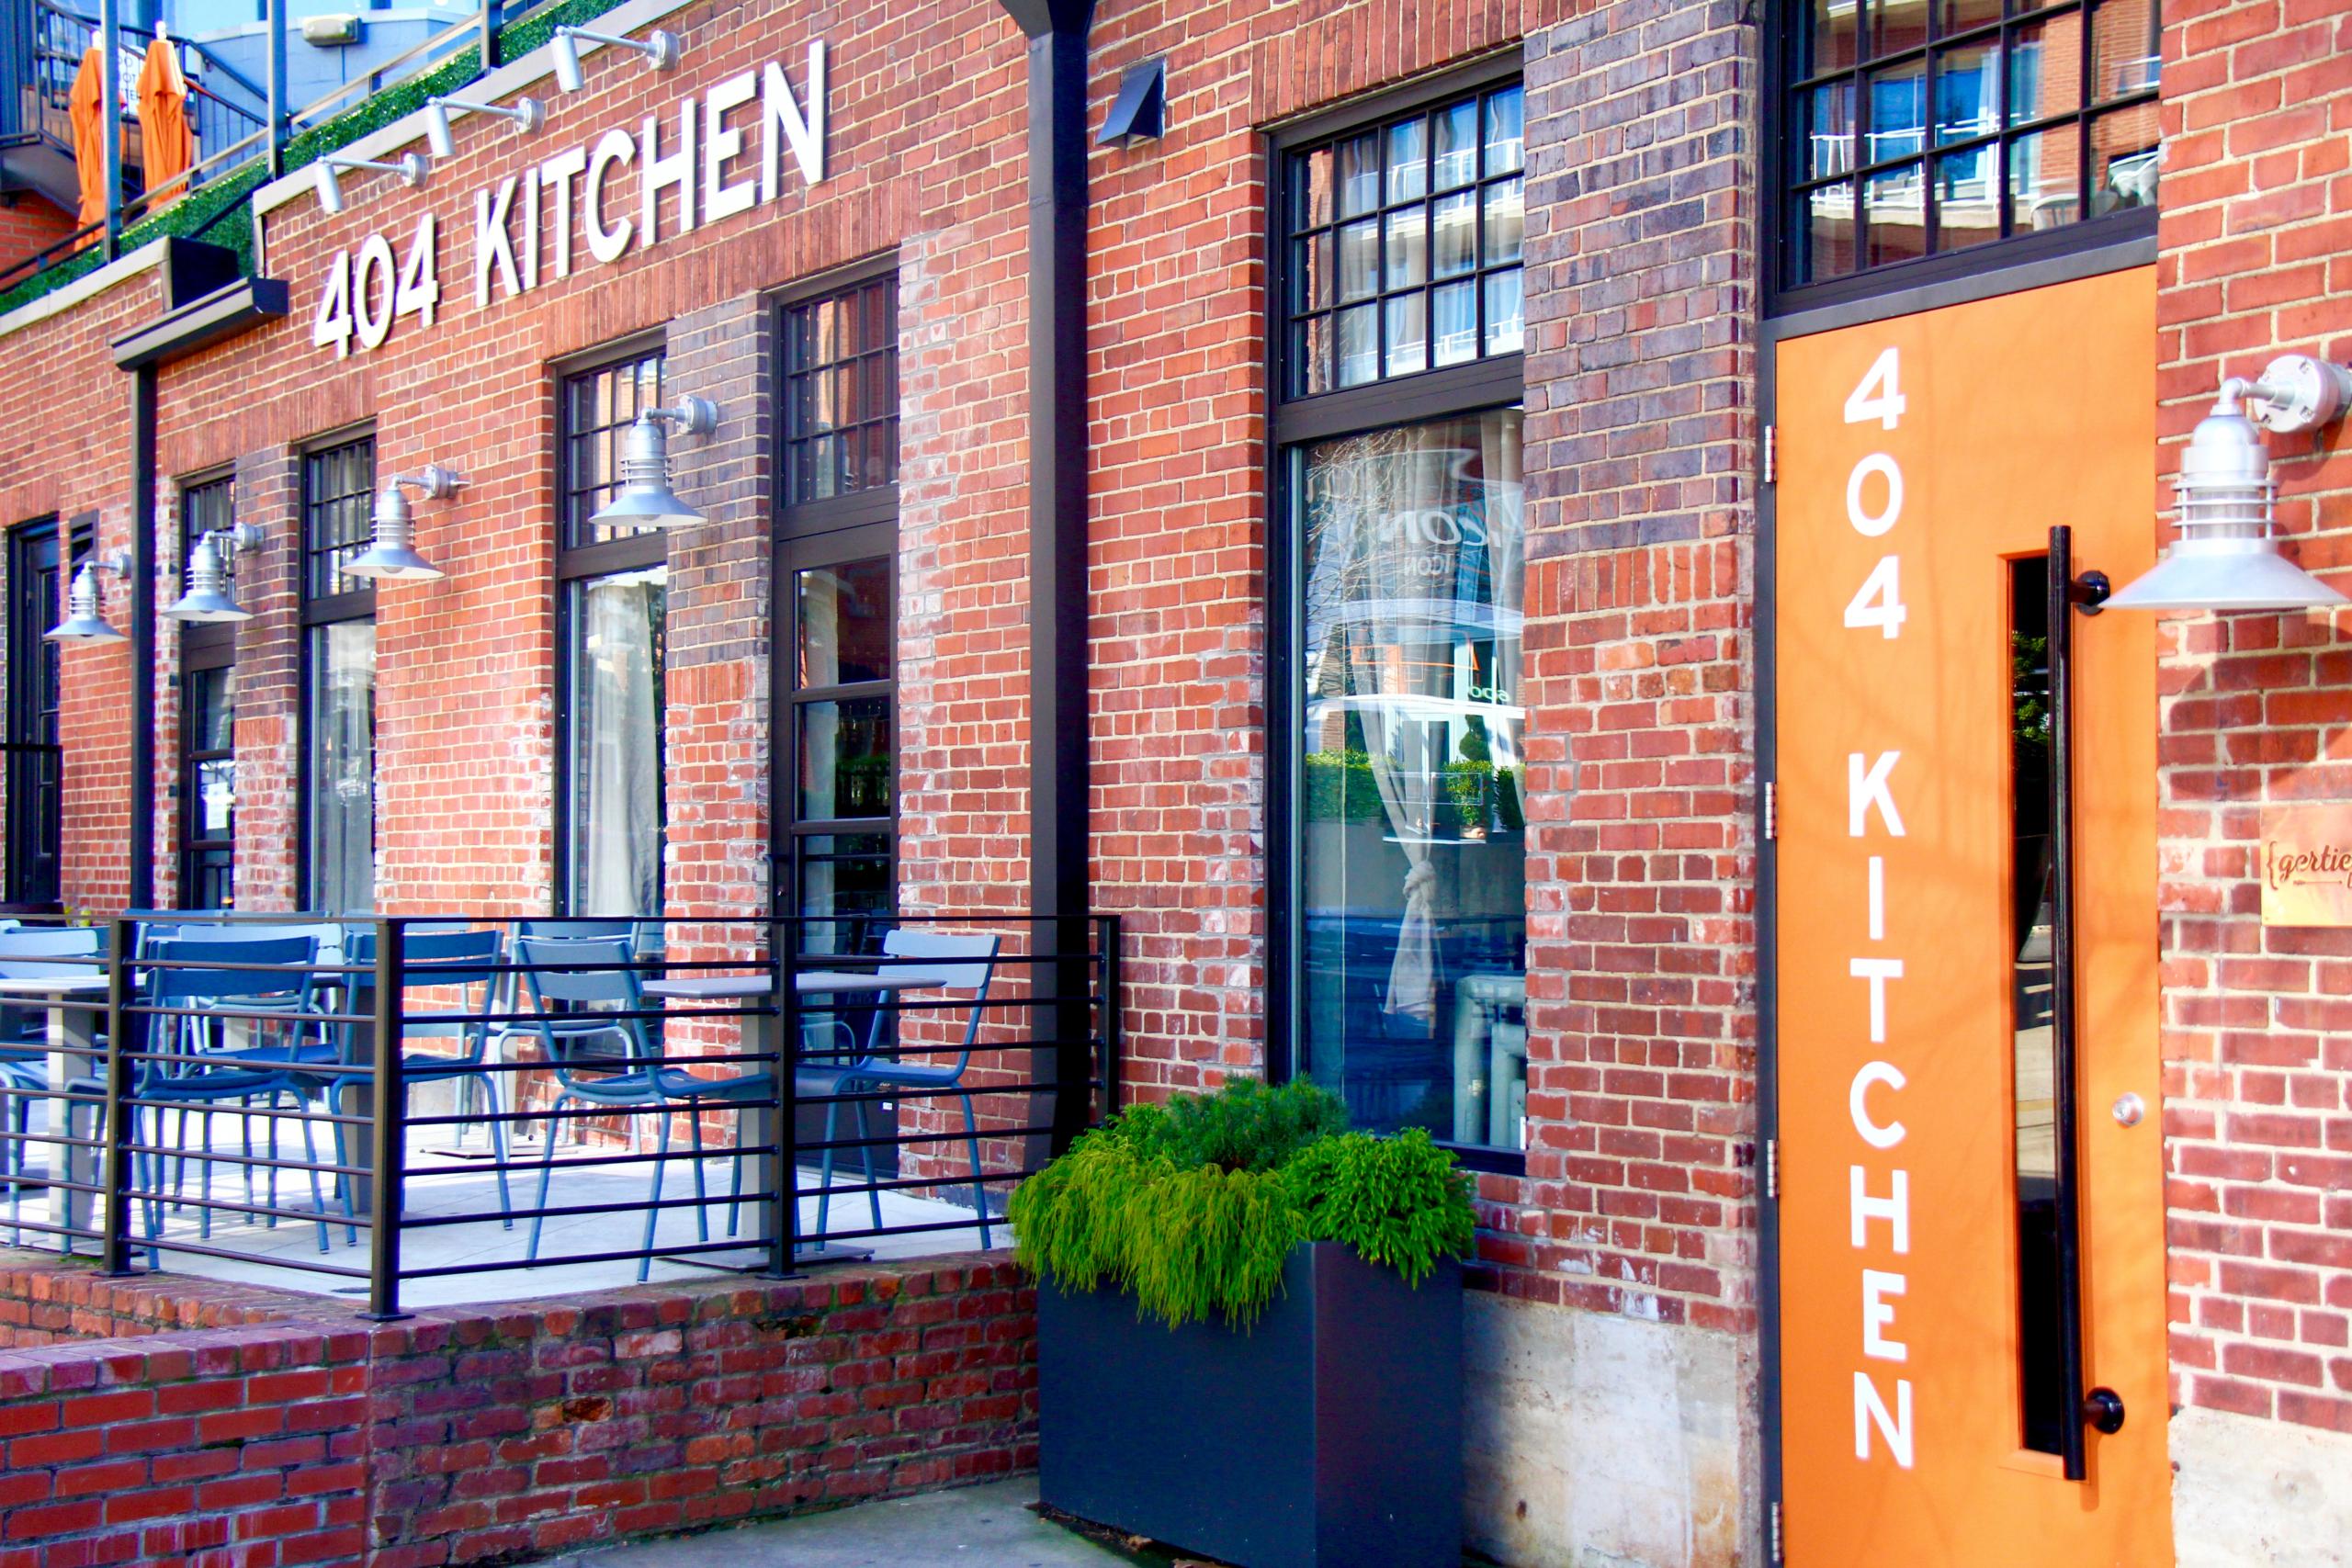 The 404 Kitchen door entrance